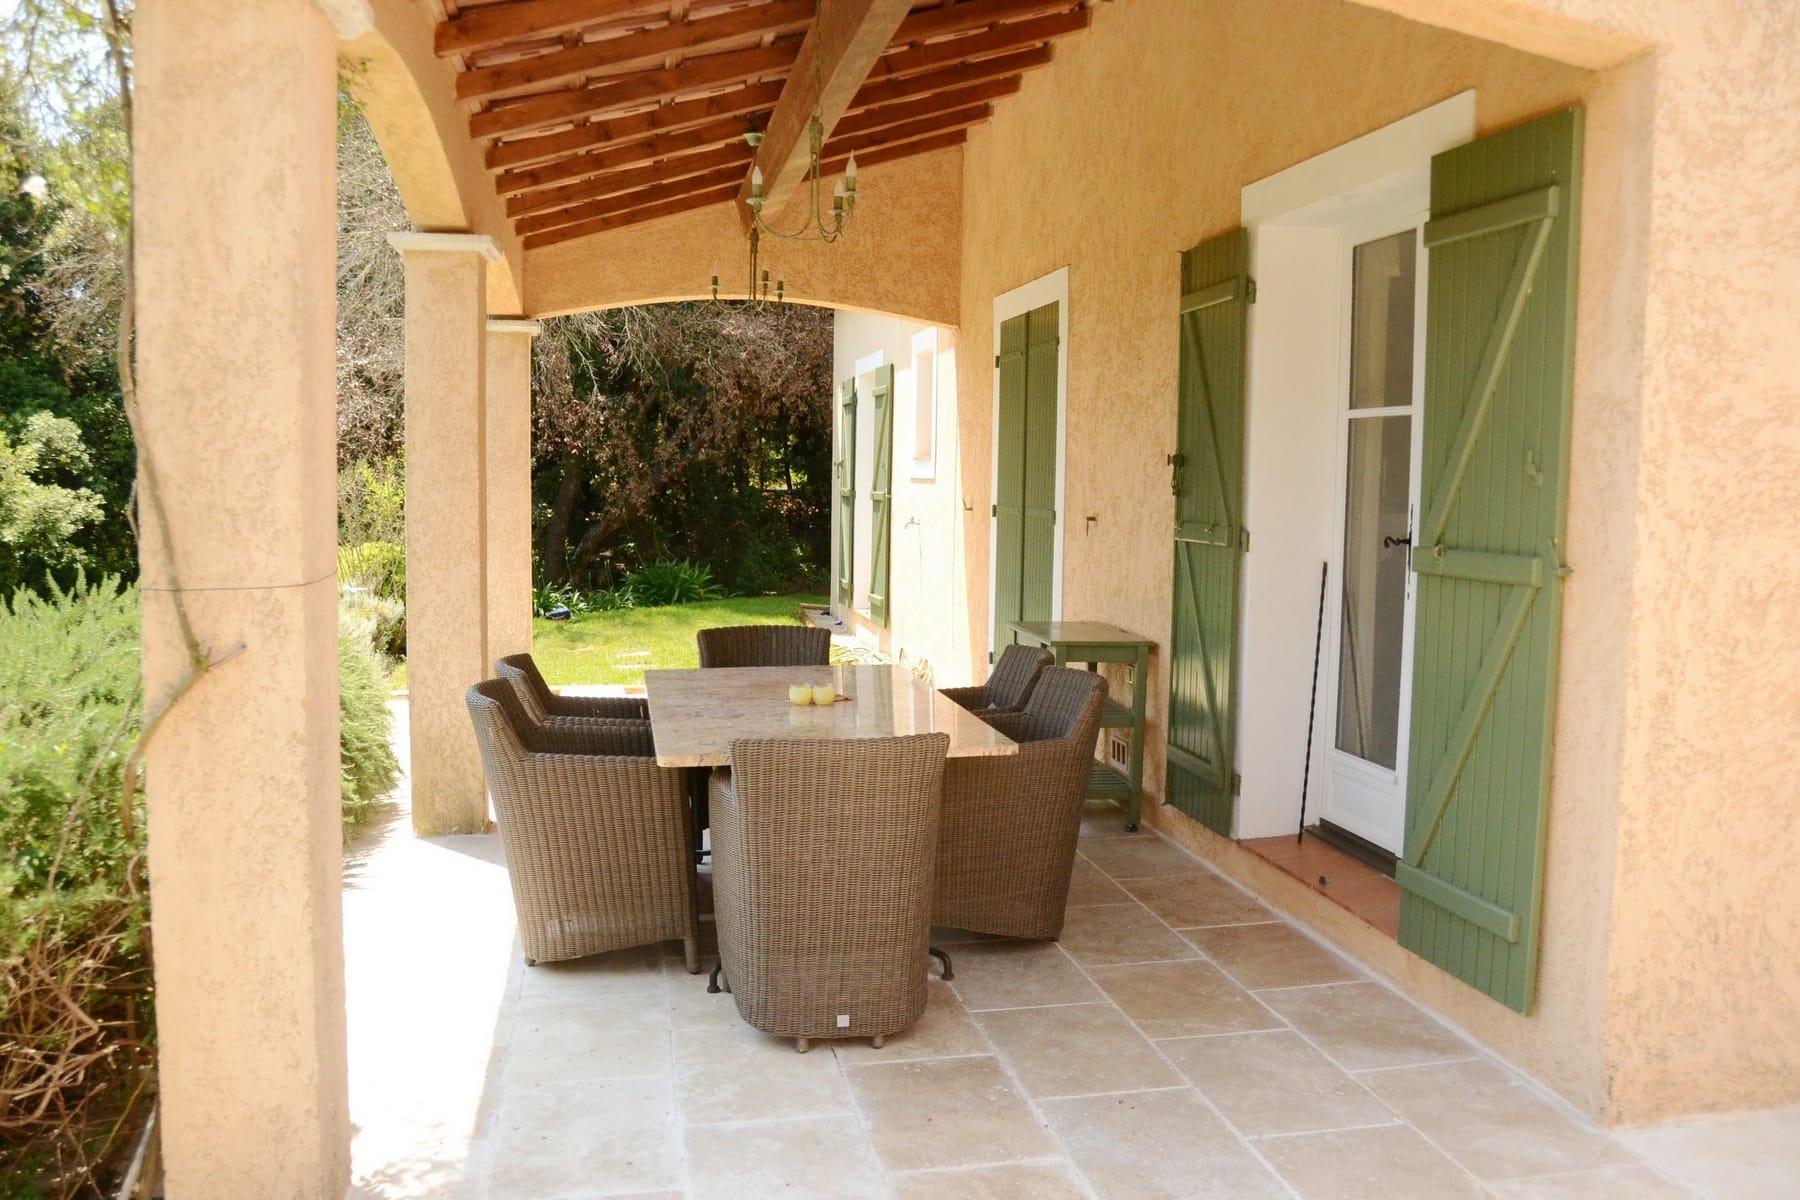 Veranda Overdekt Terras Villa Valbonne Cote d'Azur